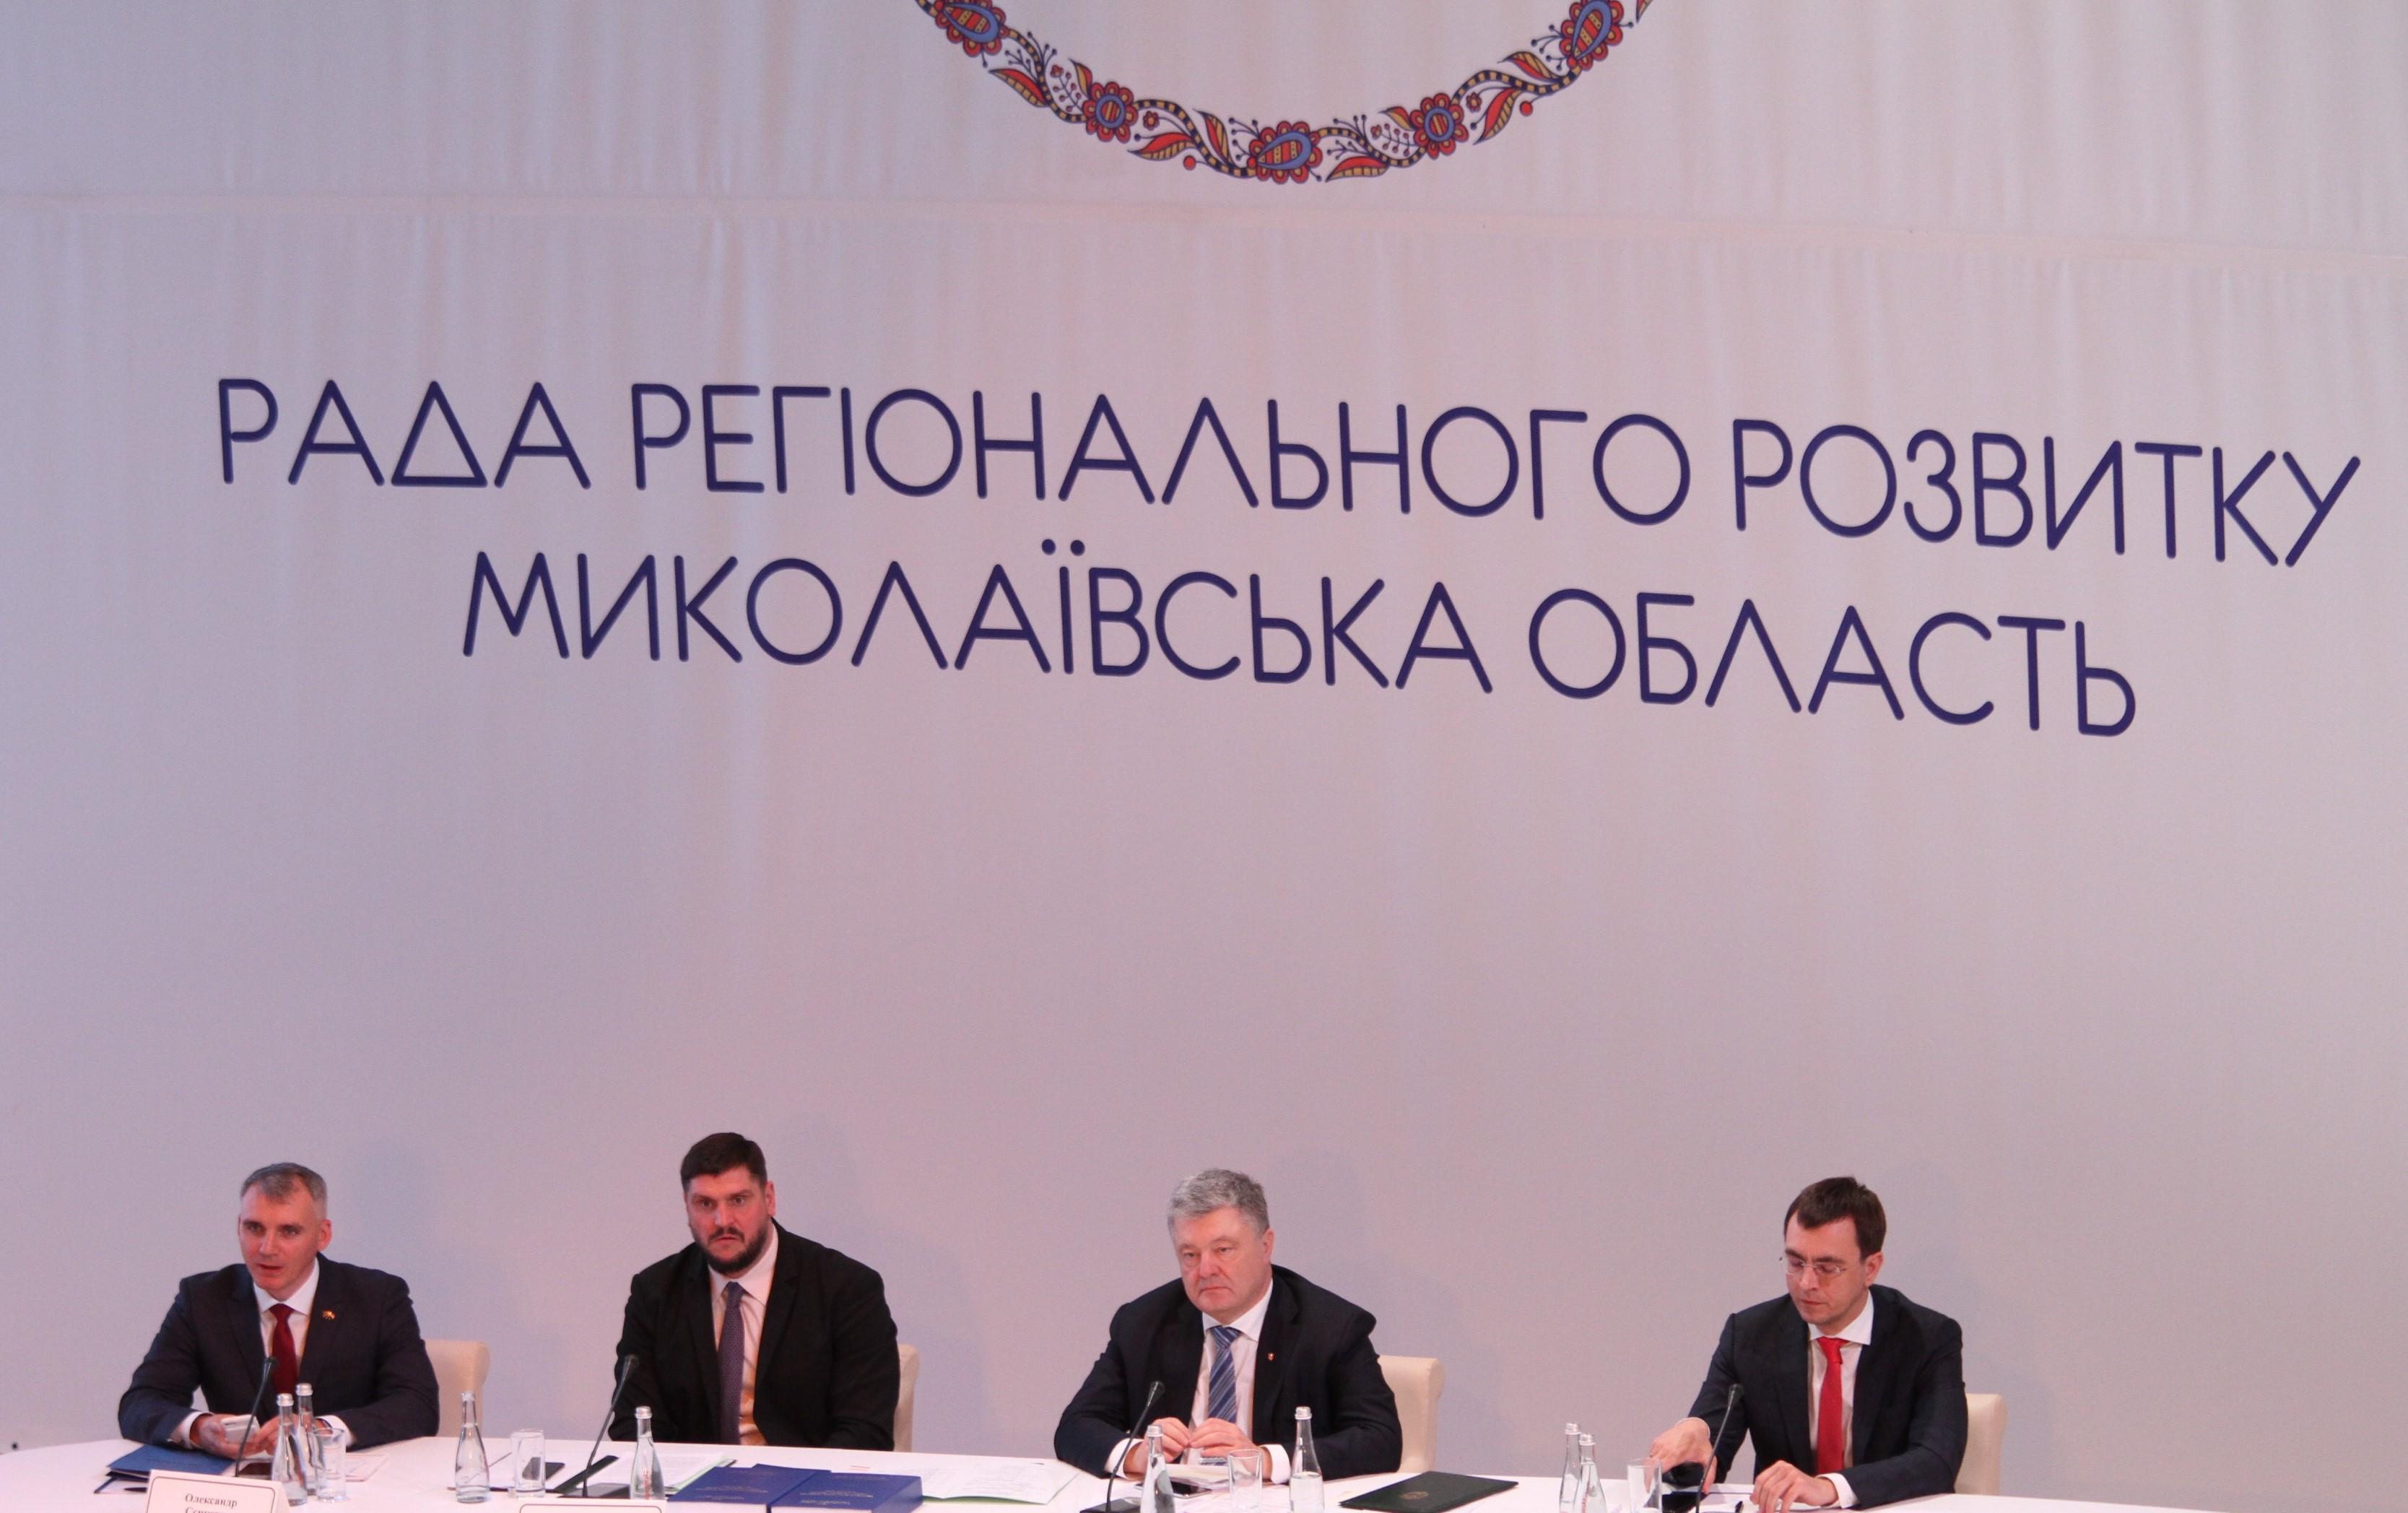 Рада регіонального розвитку Миколаївської області